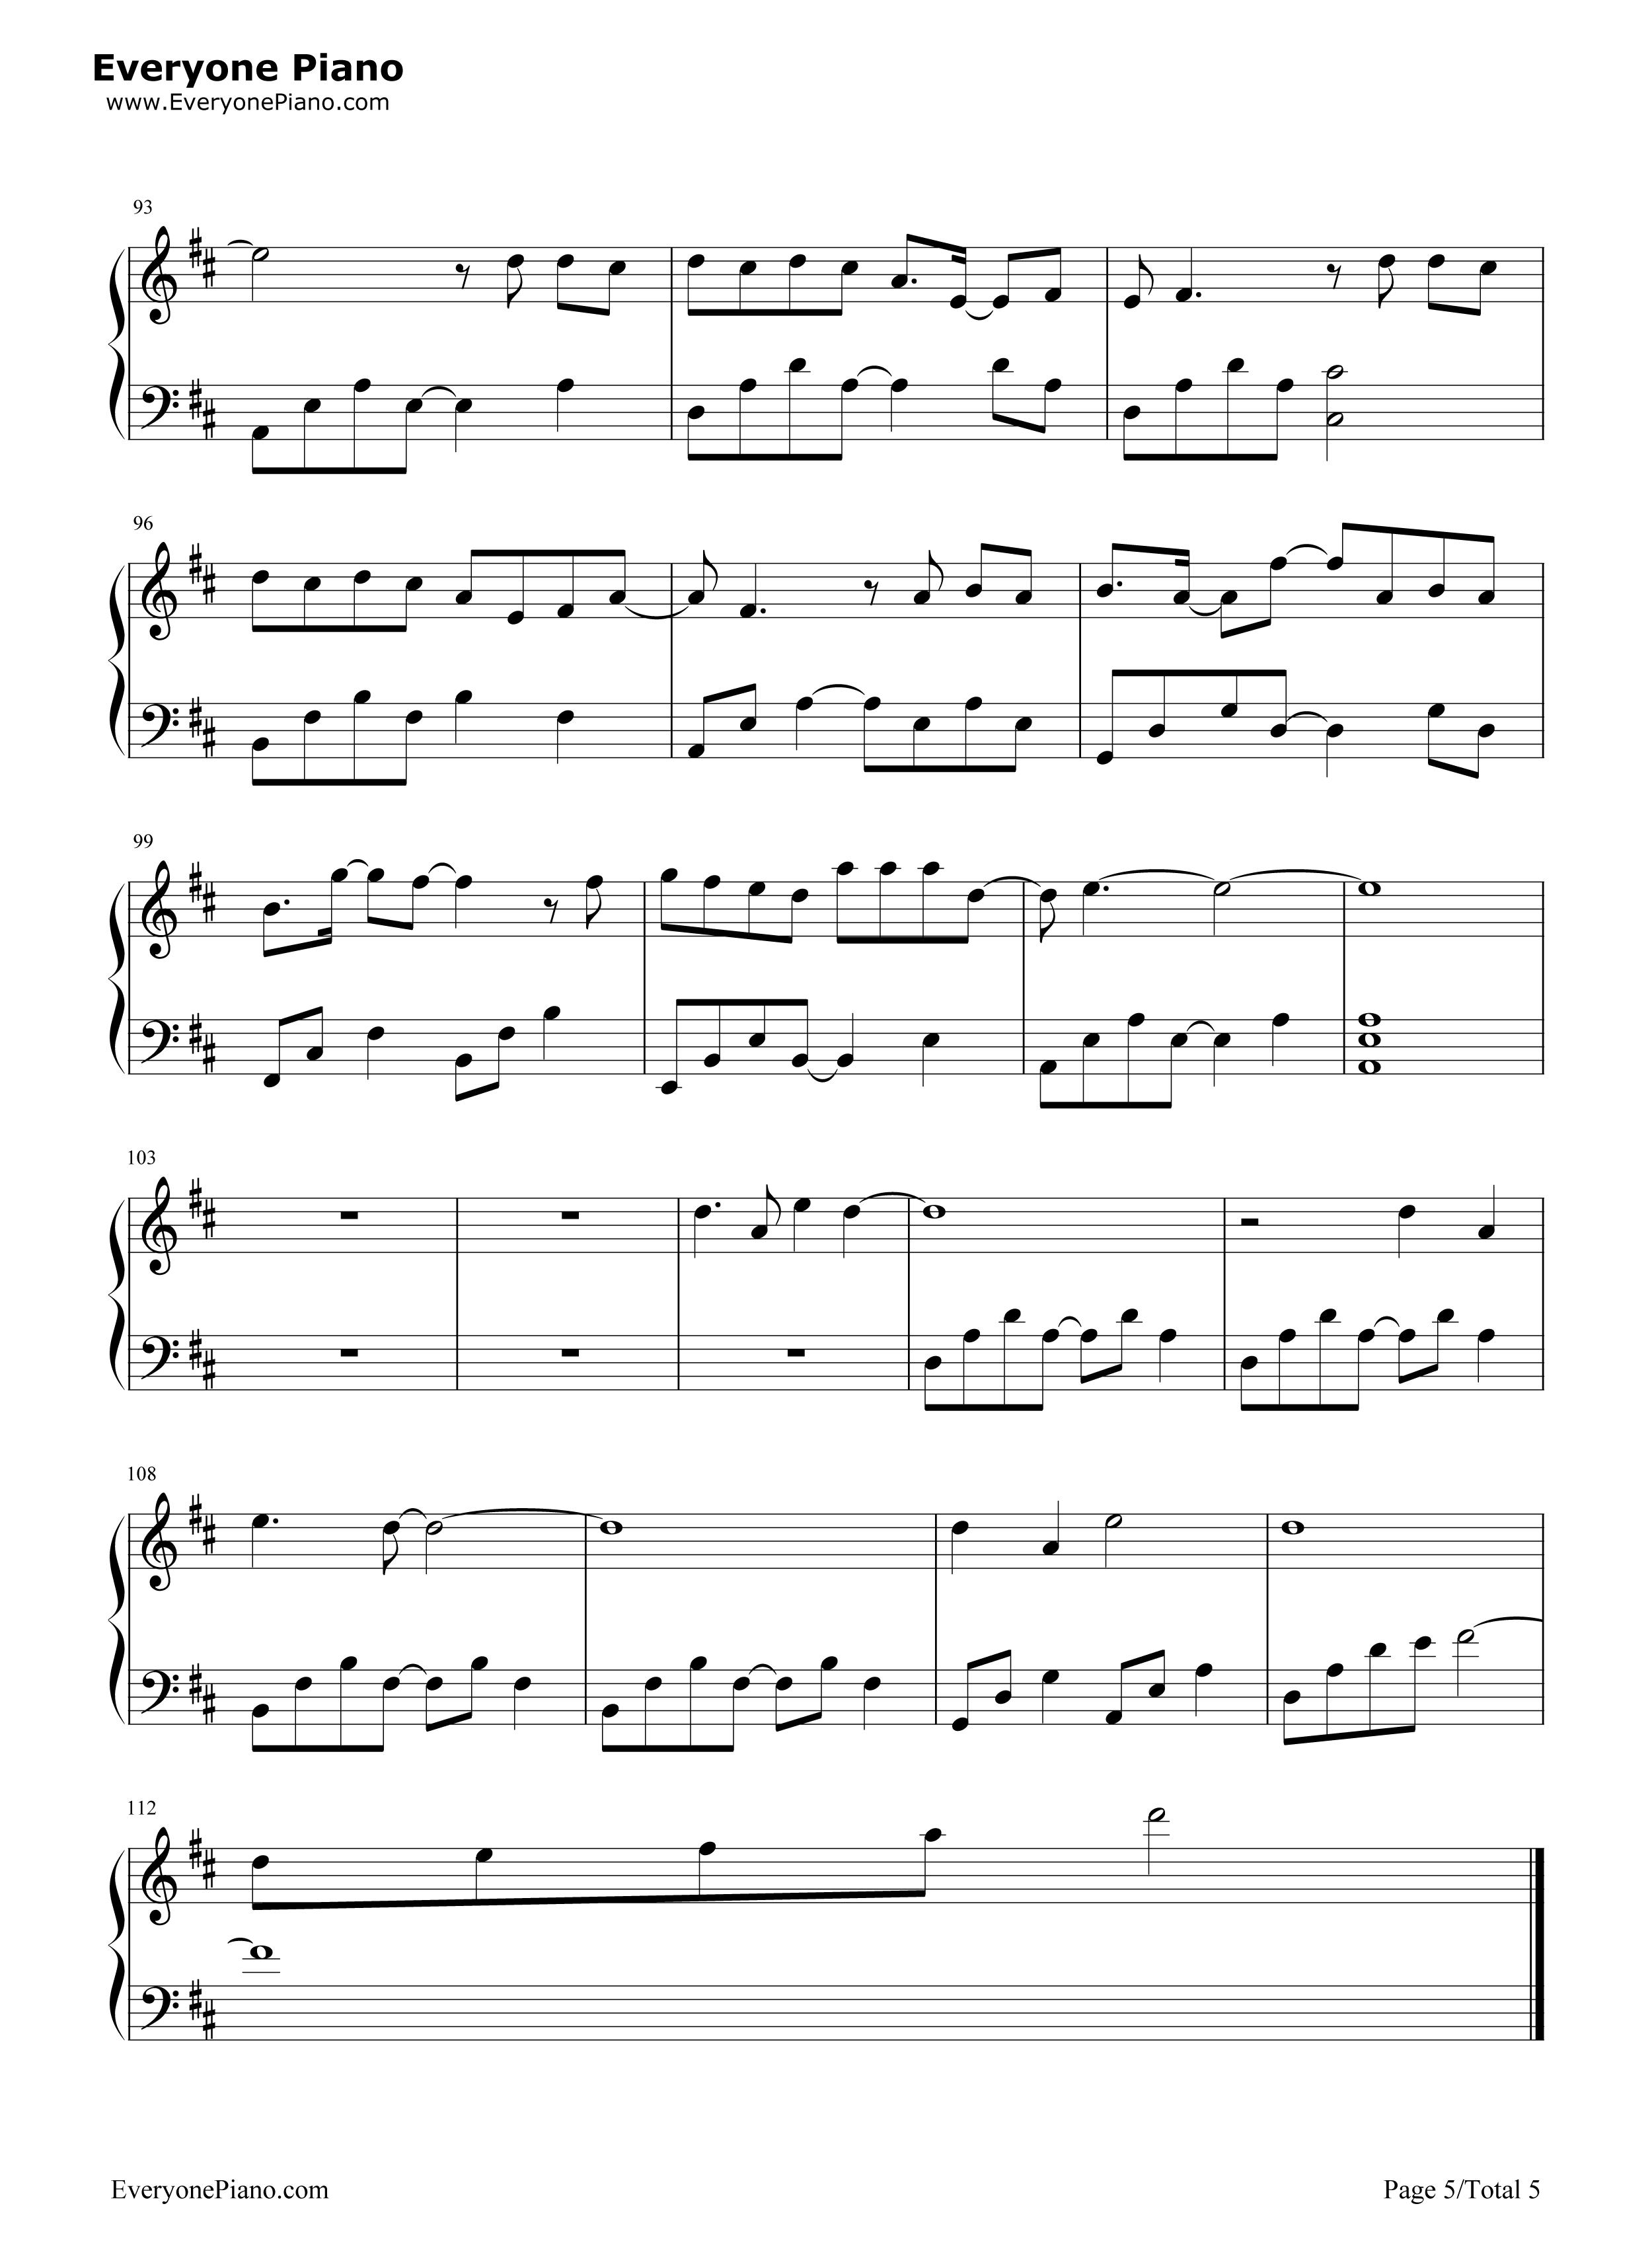 等我回家-薛之谦五线谱预览5-钢琴谱(五线谱,双手简谱